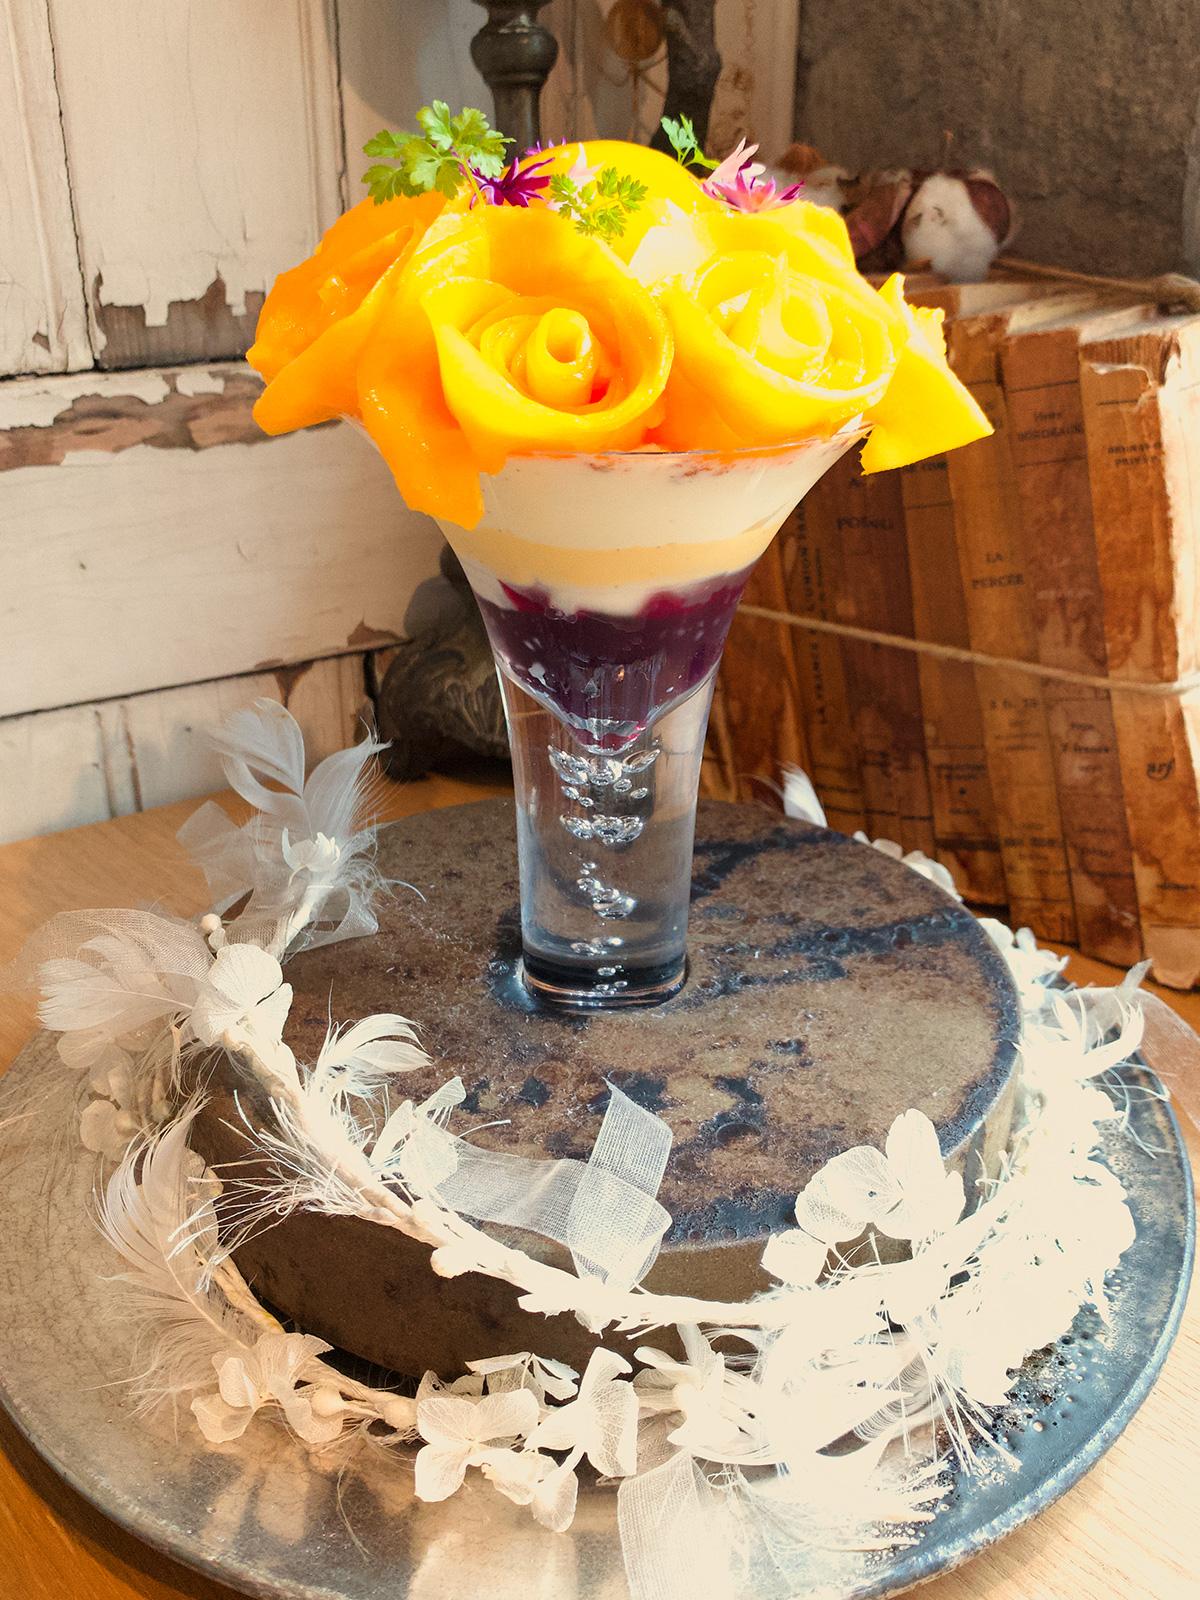 芳醇な宮崎マンゴーの贅沢なブーケと様々なスパイスのサングリアのジュレ ヨーグルト風味のパンナコッタと相性の良いココナッツのアイスのグラスデザート